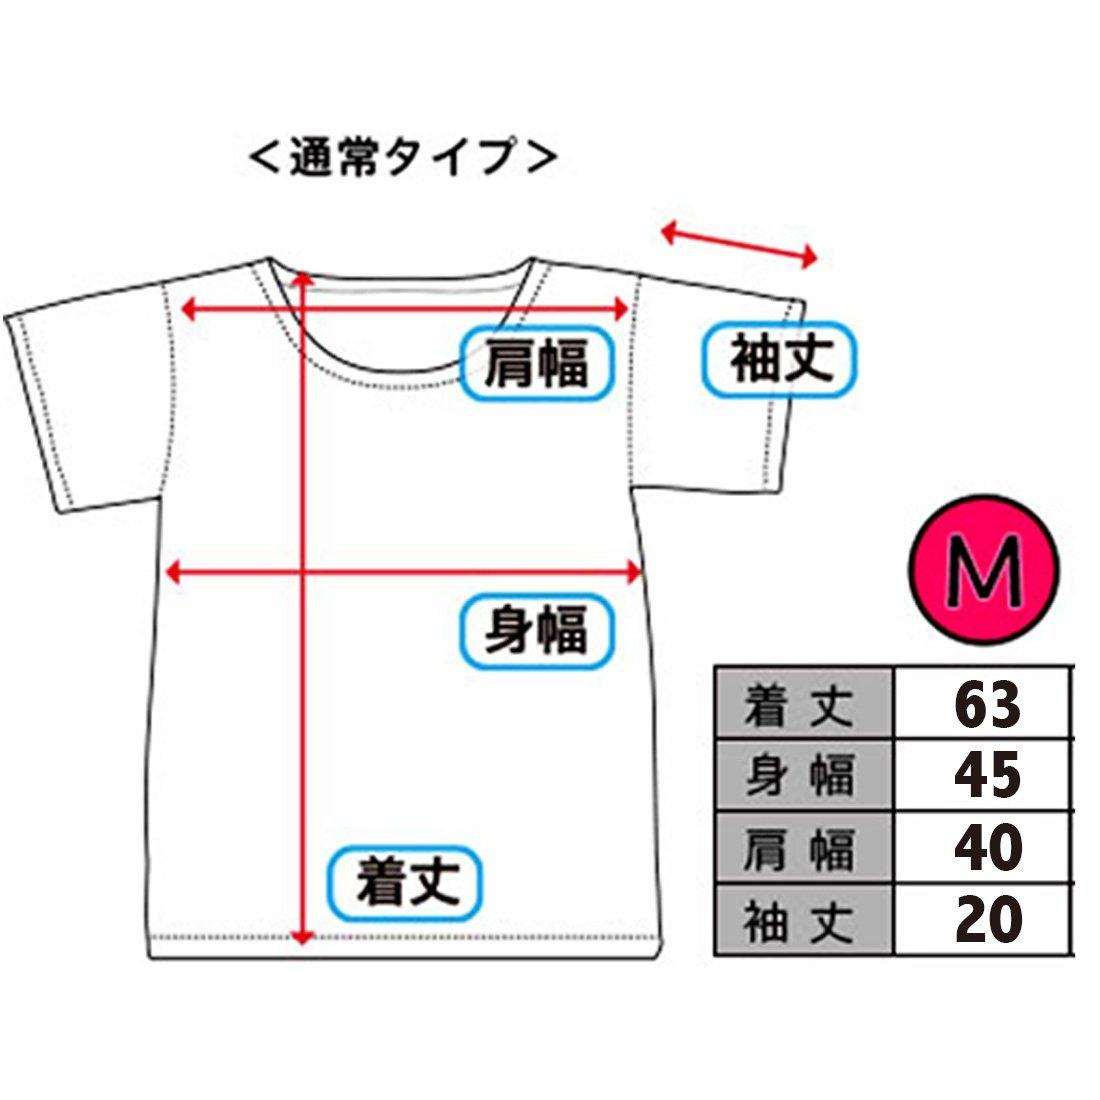 【入荷済】「 STAR WARS スター・ウォーズ 」 半袖Tシャツ トリオ